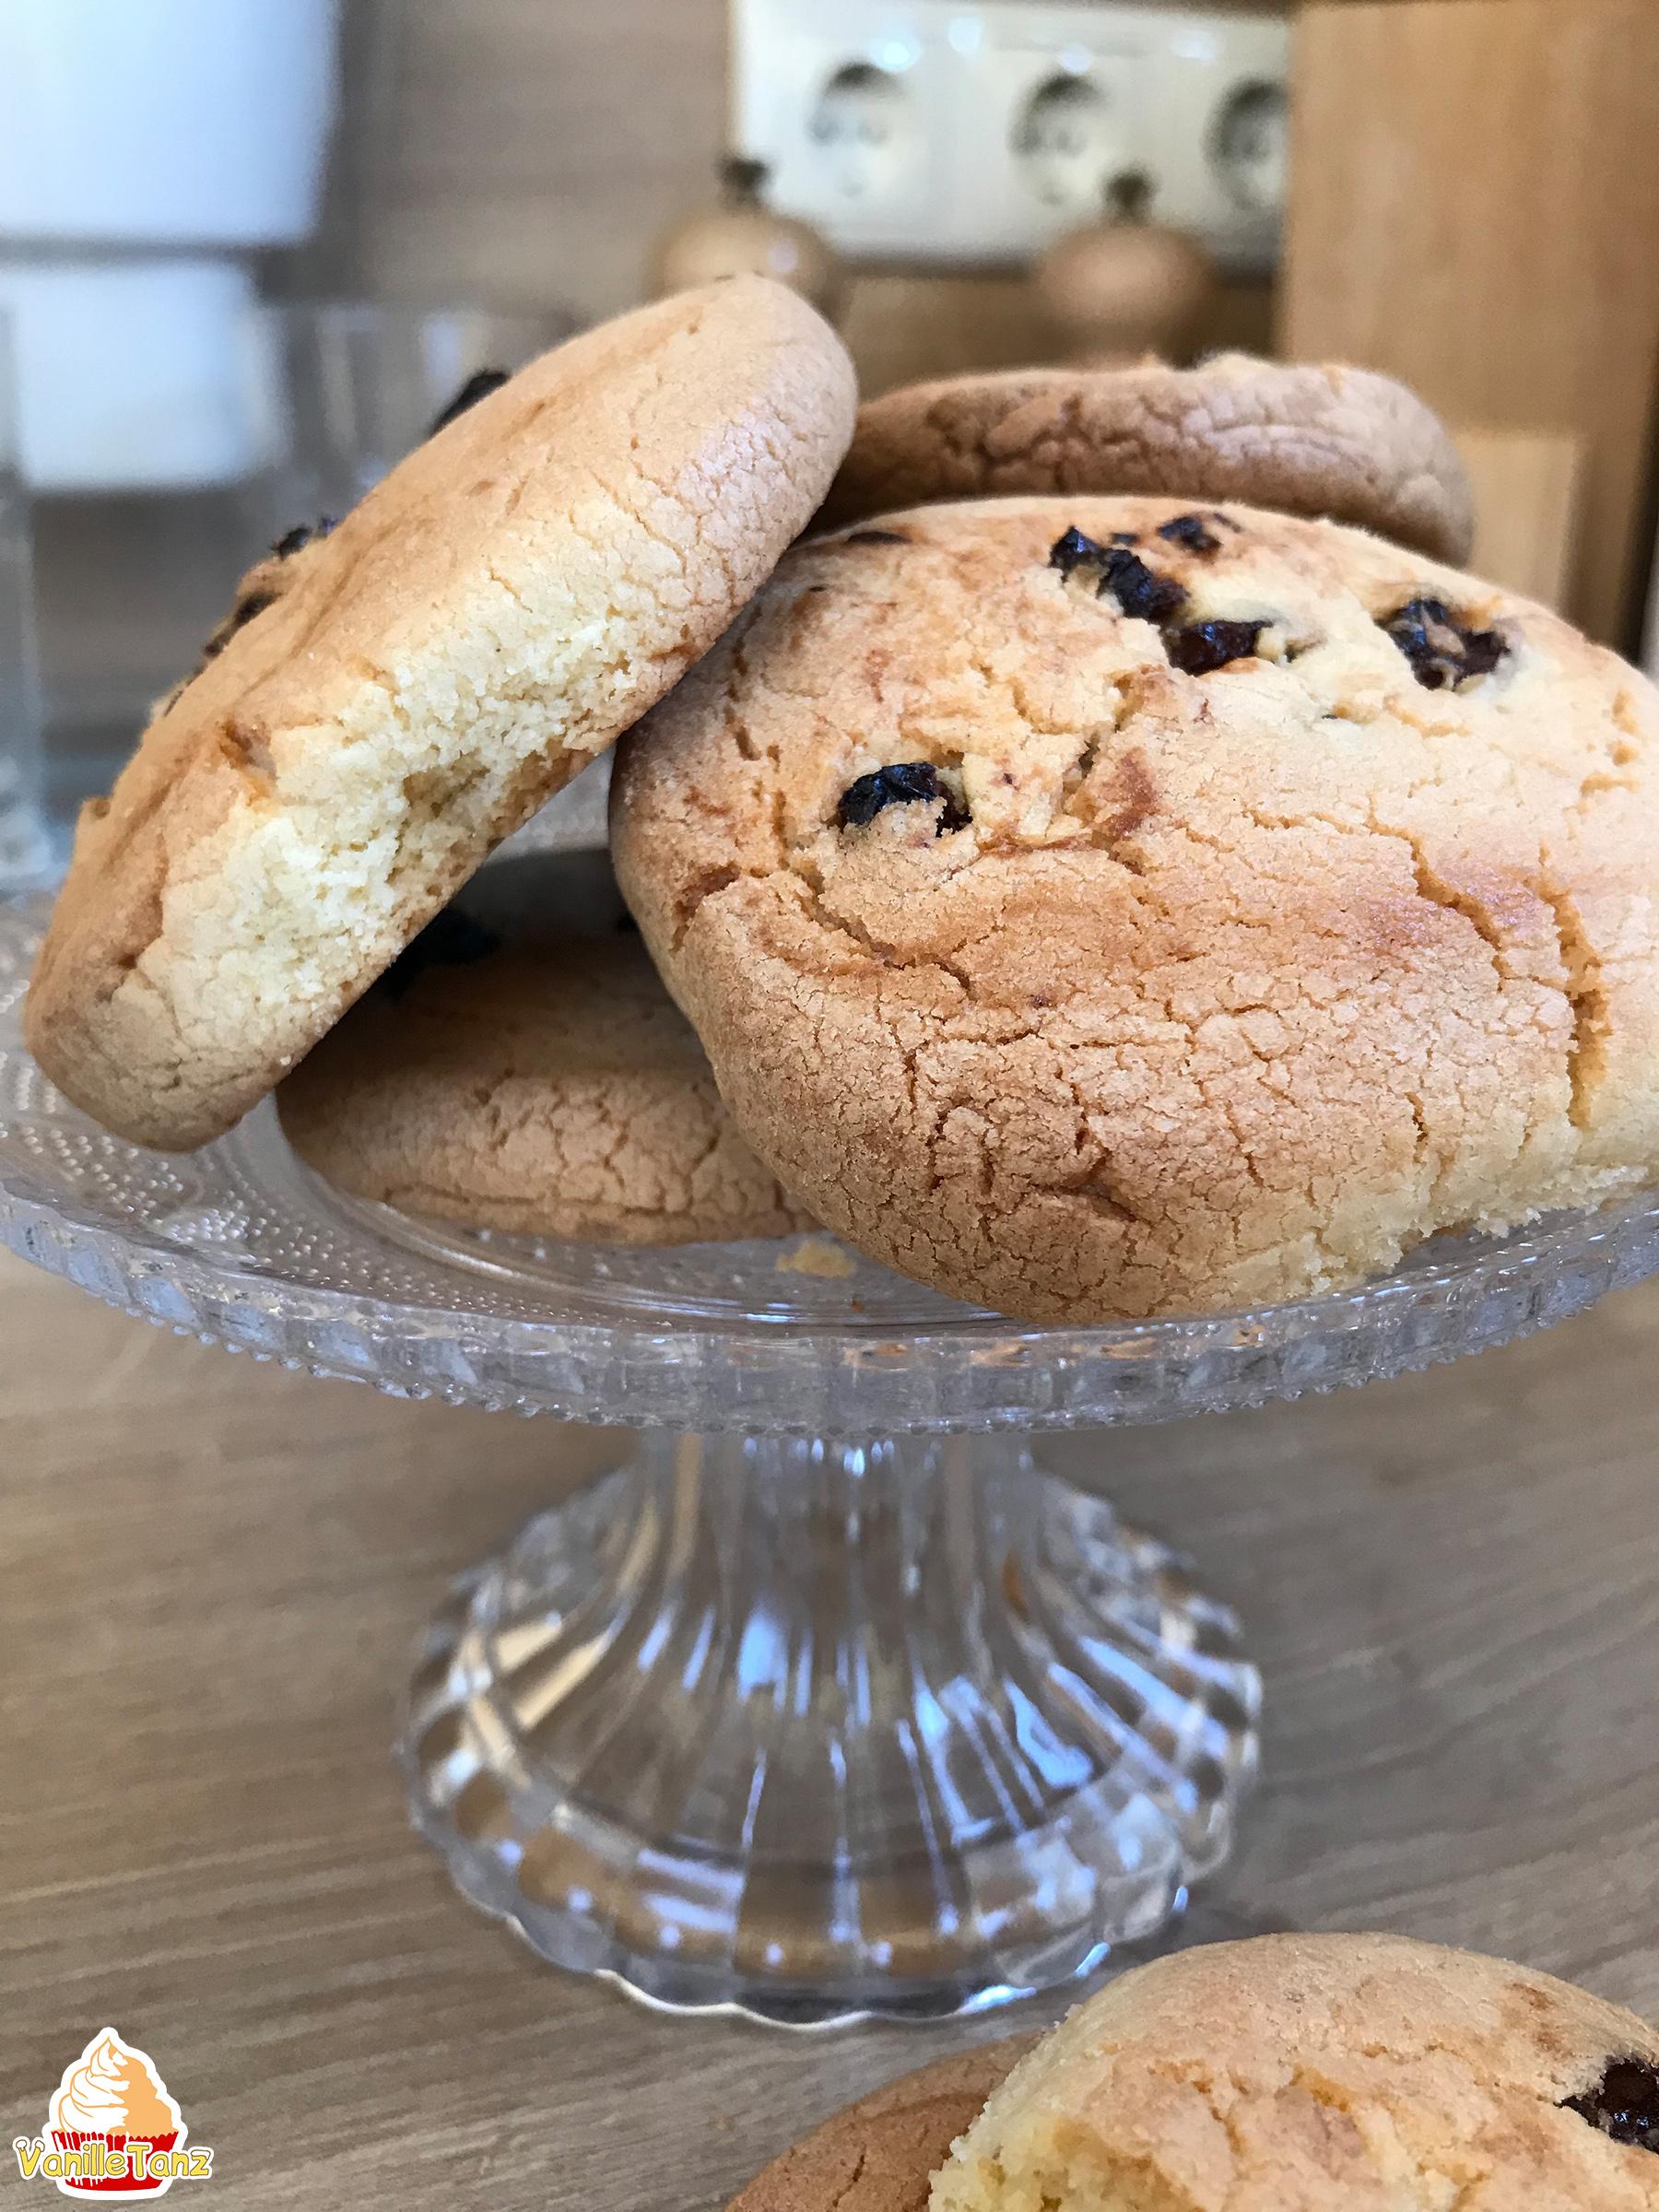 Kekse mit Rosinen auf einer Glasetagere. Kekse Nahaufnahme.